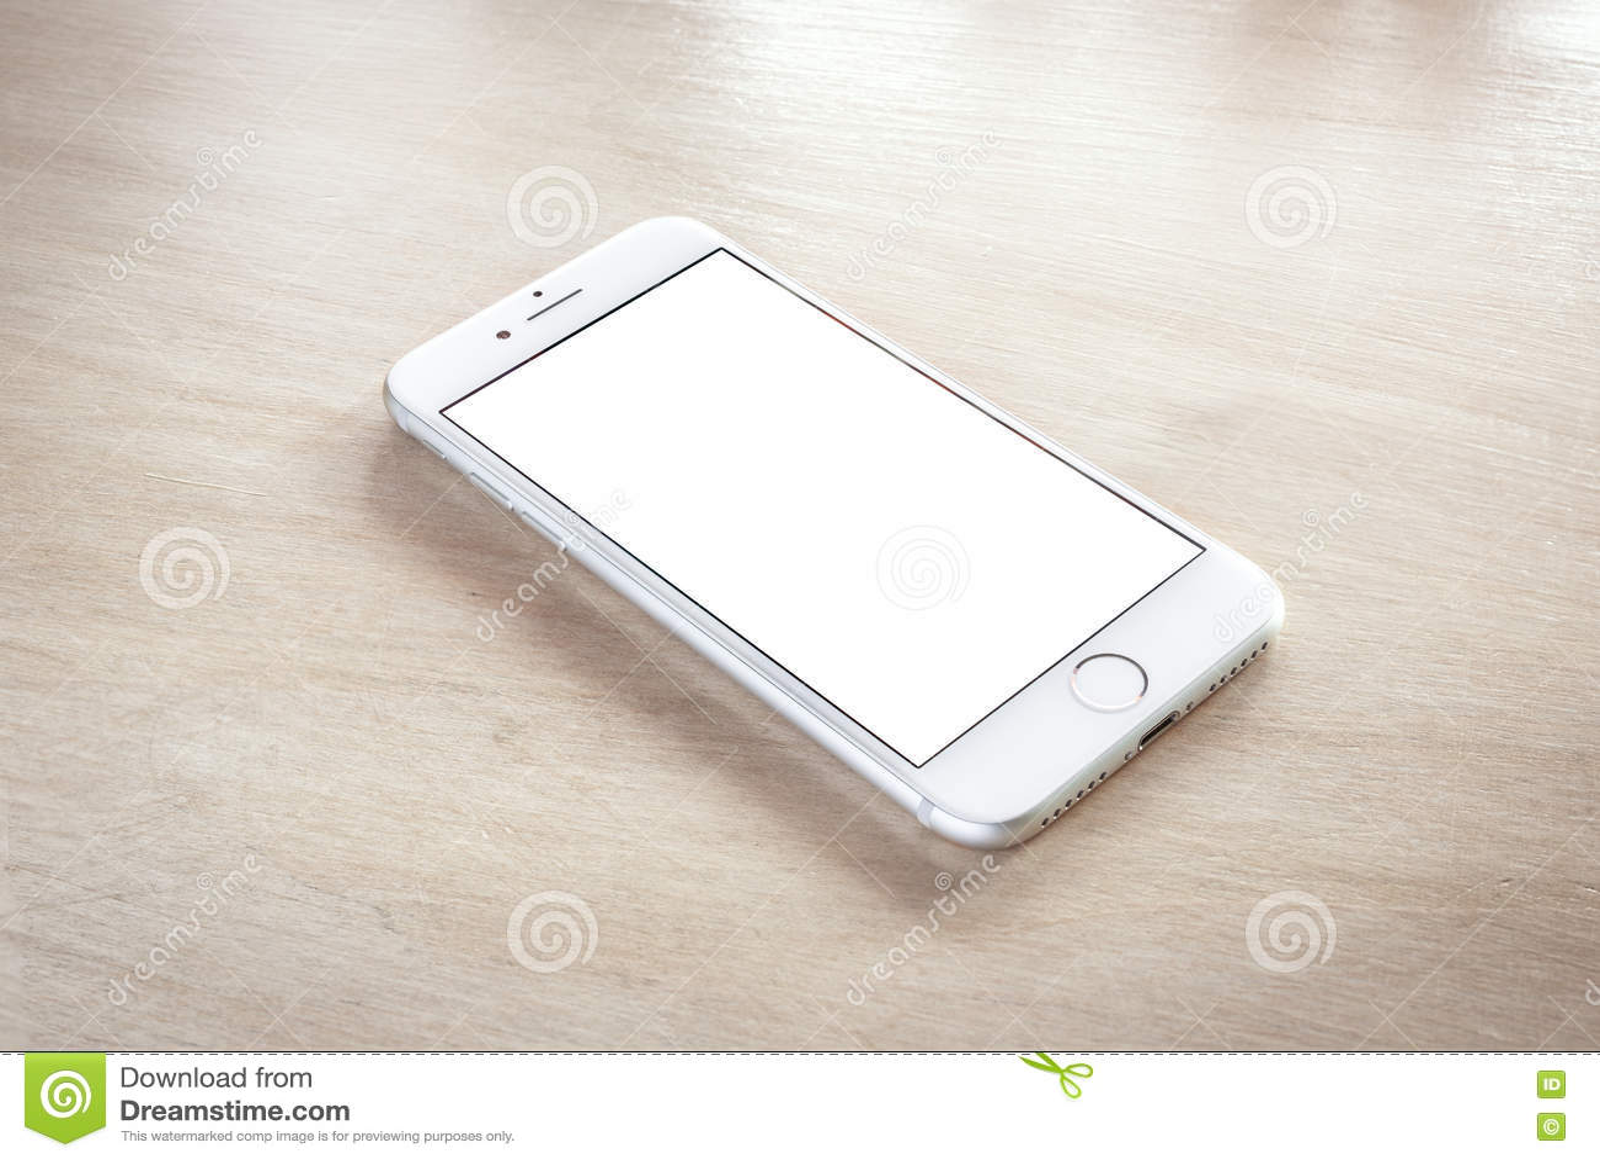 Prata brandnew do iPhone 7 com tela vazia